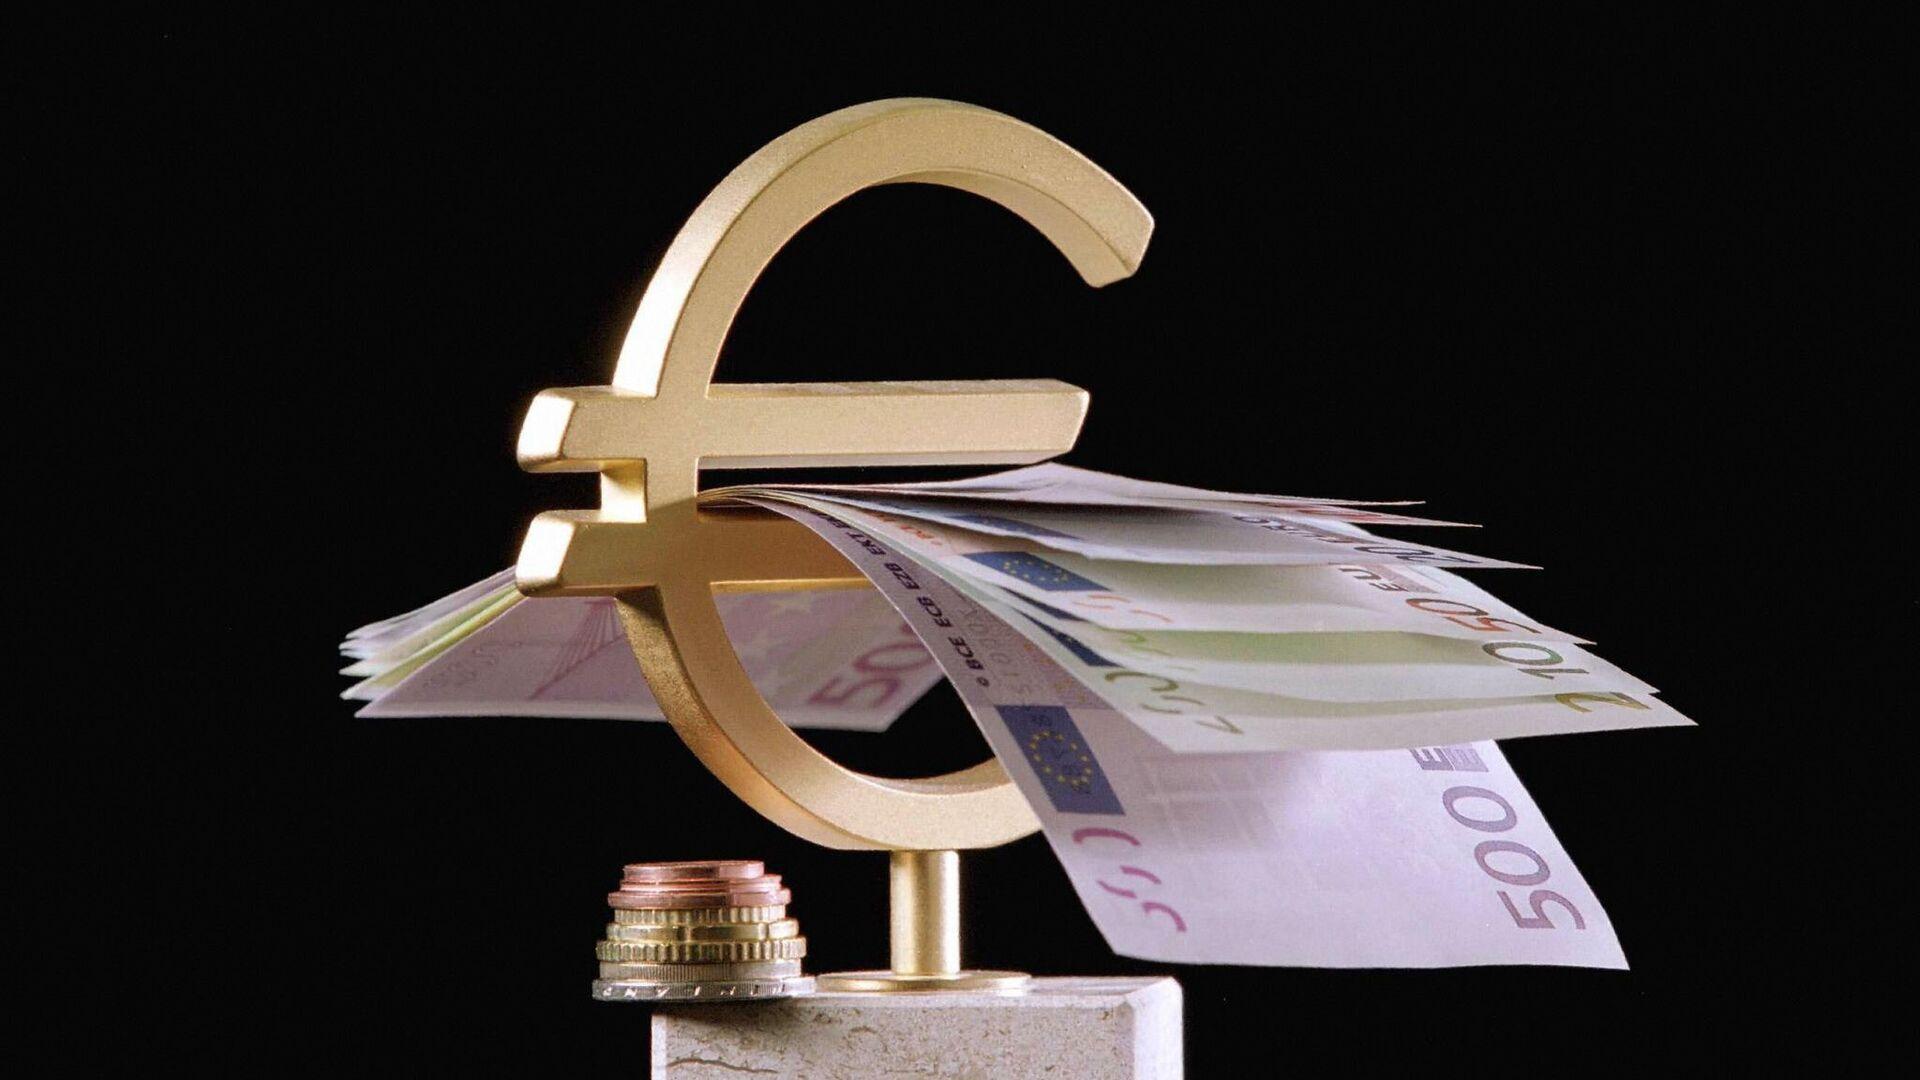 billetes, monedas y el símbolo del euro - Sputnik Mundo, 1920, 10.05.2021